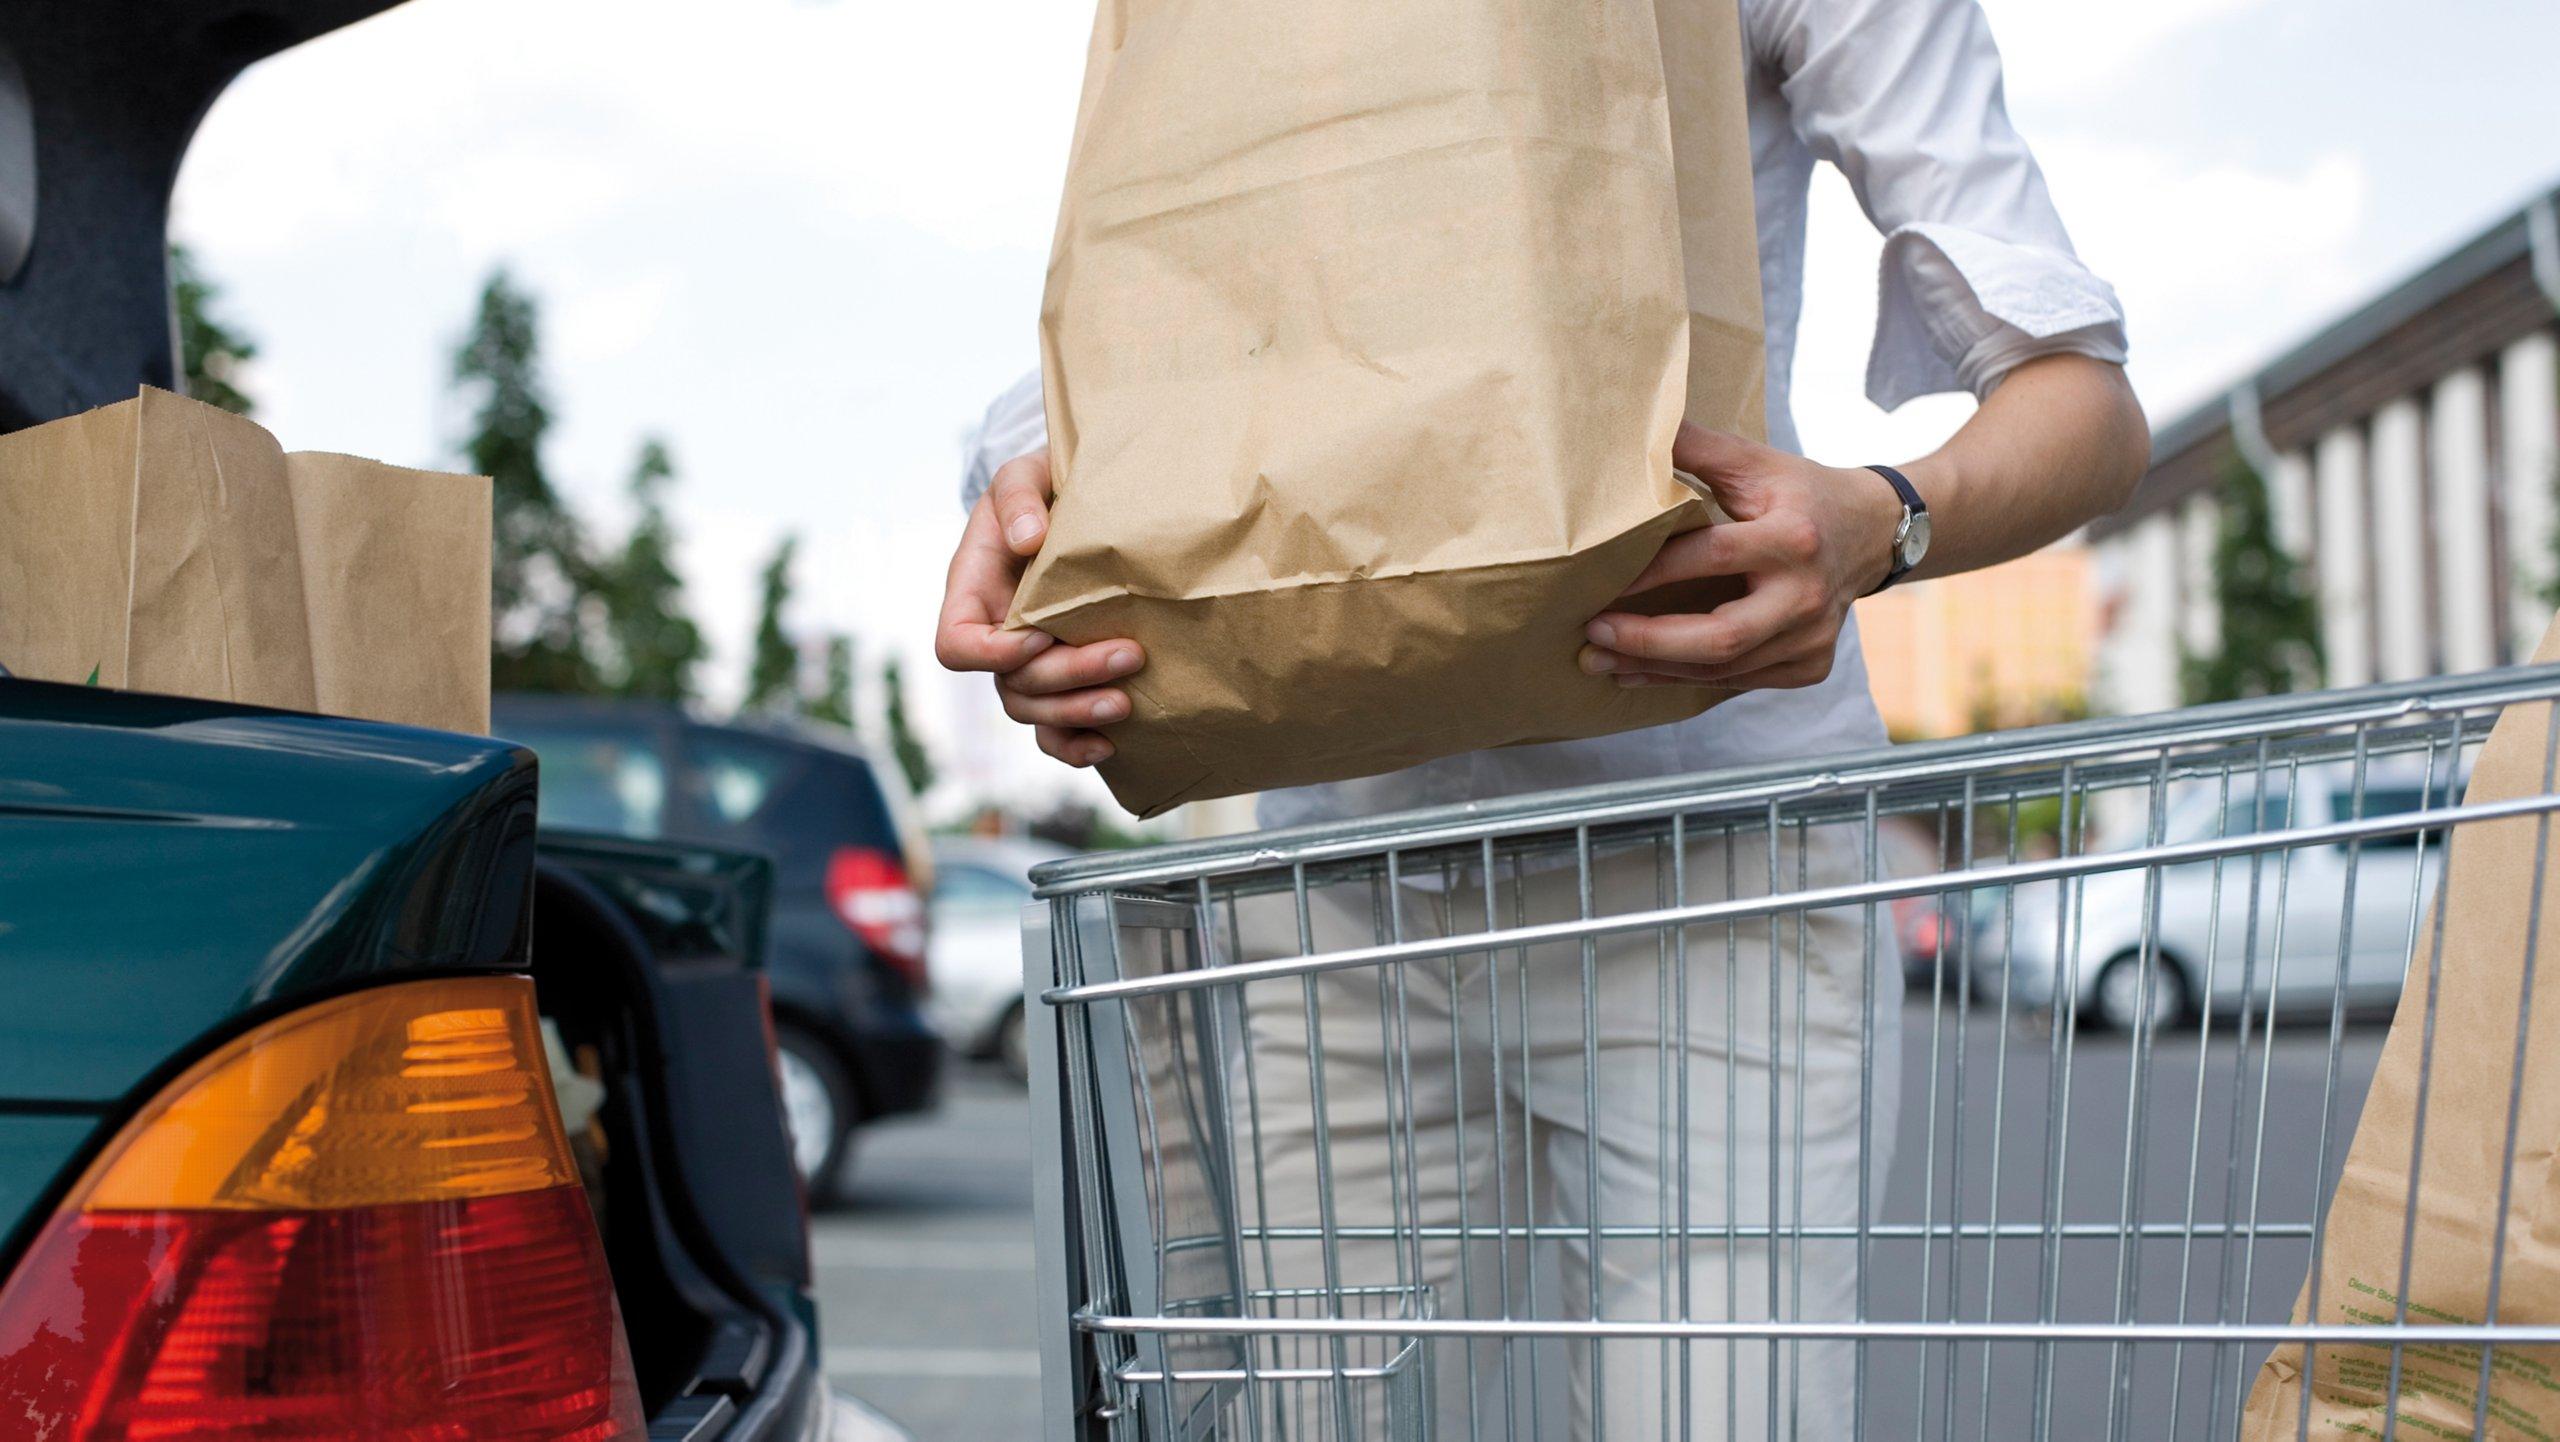 Donna che carica le borse della spesa nel suo veicolo da un carrello